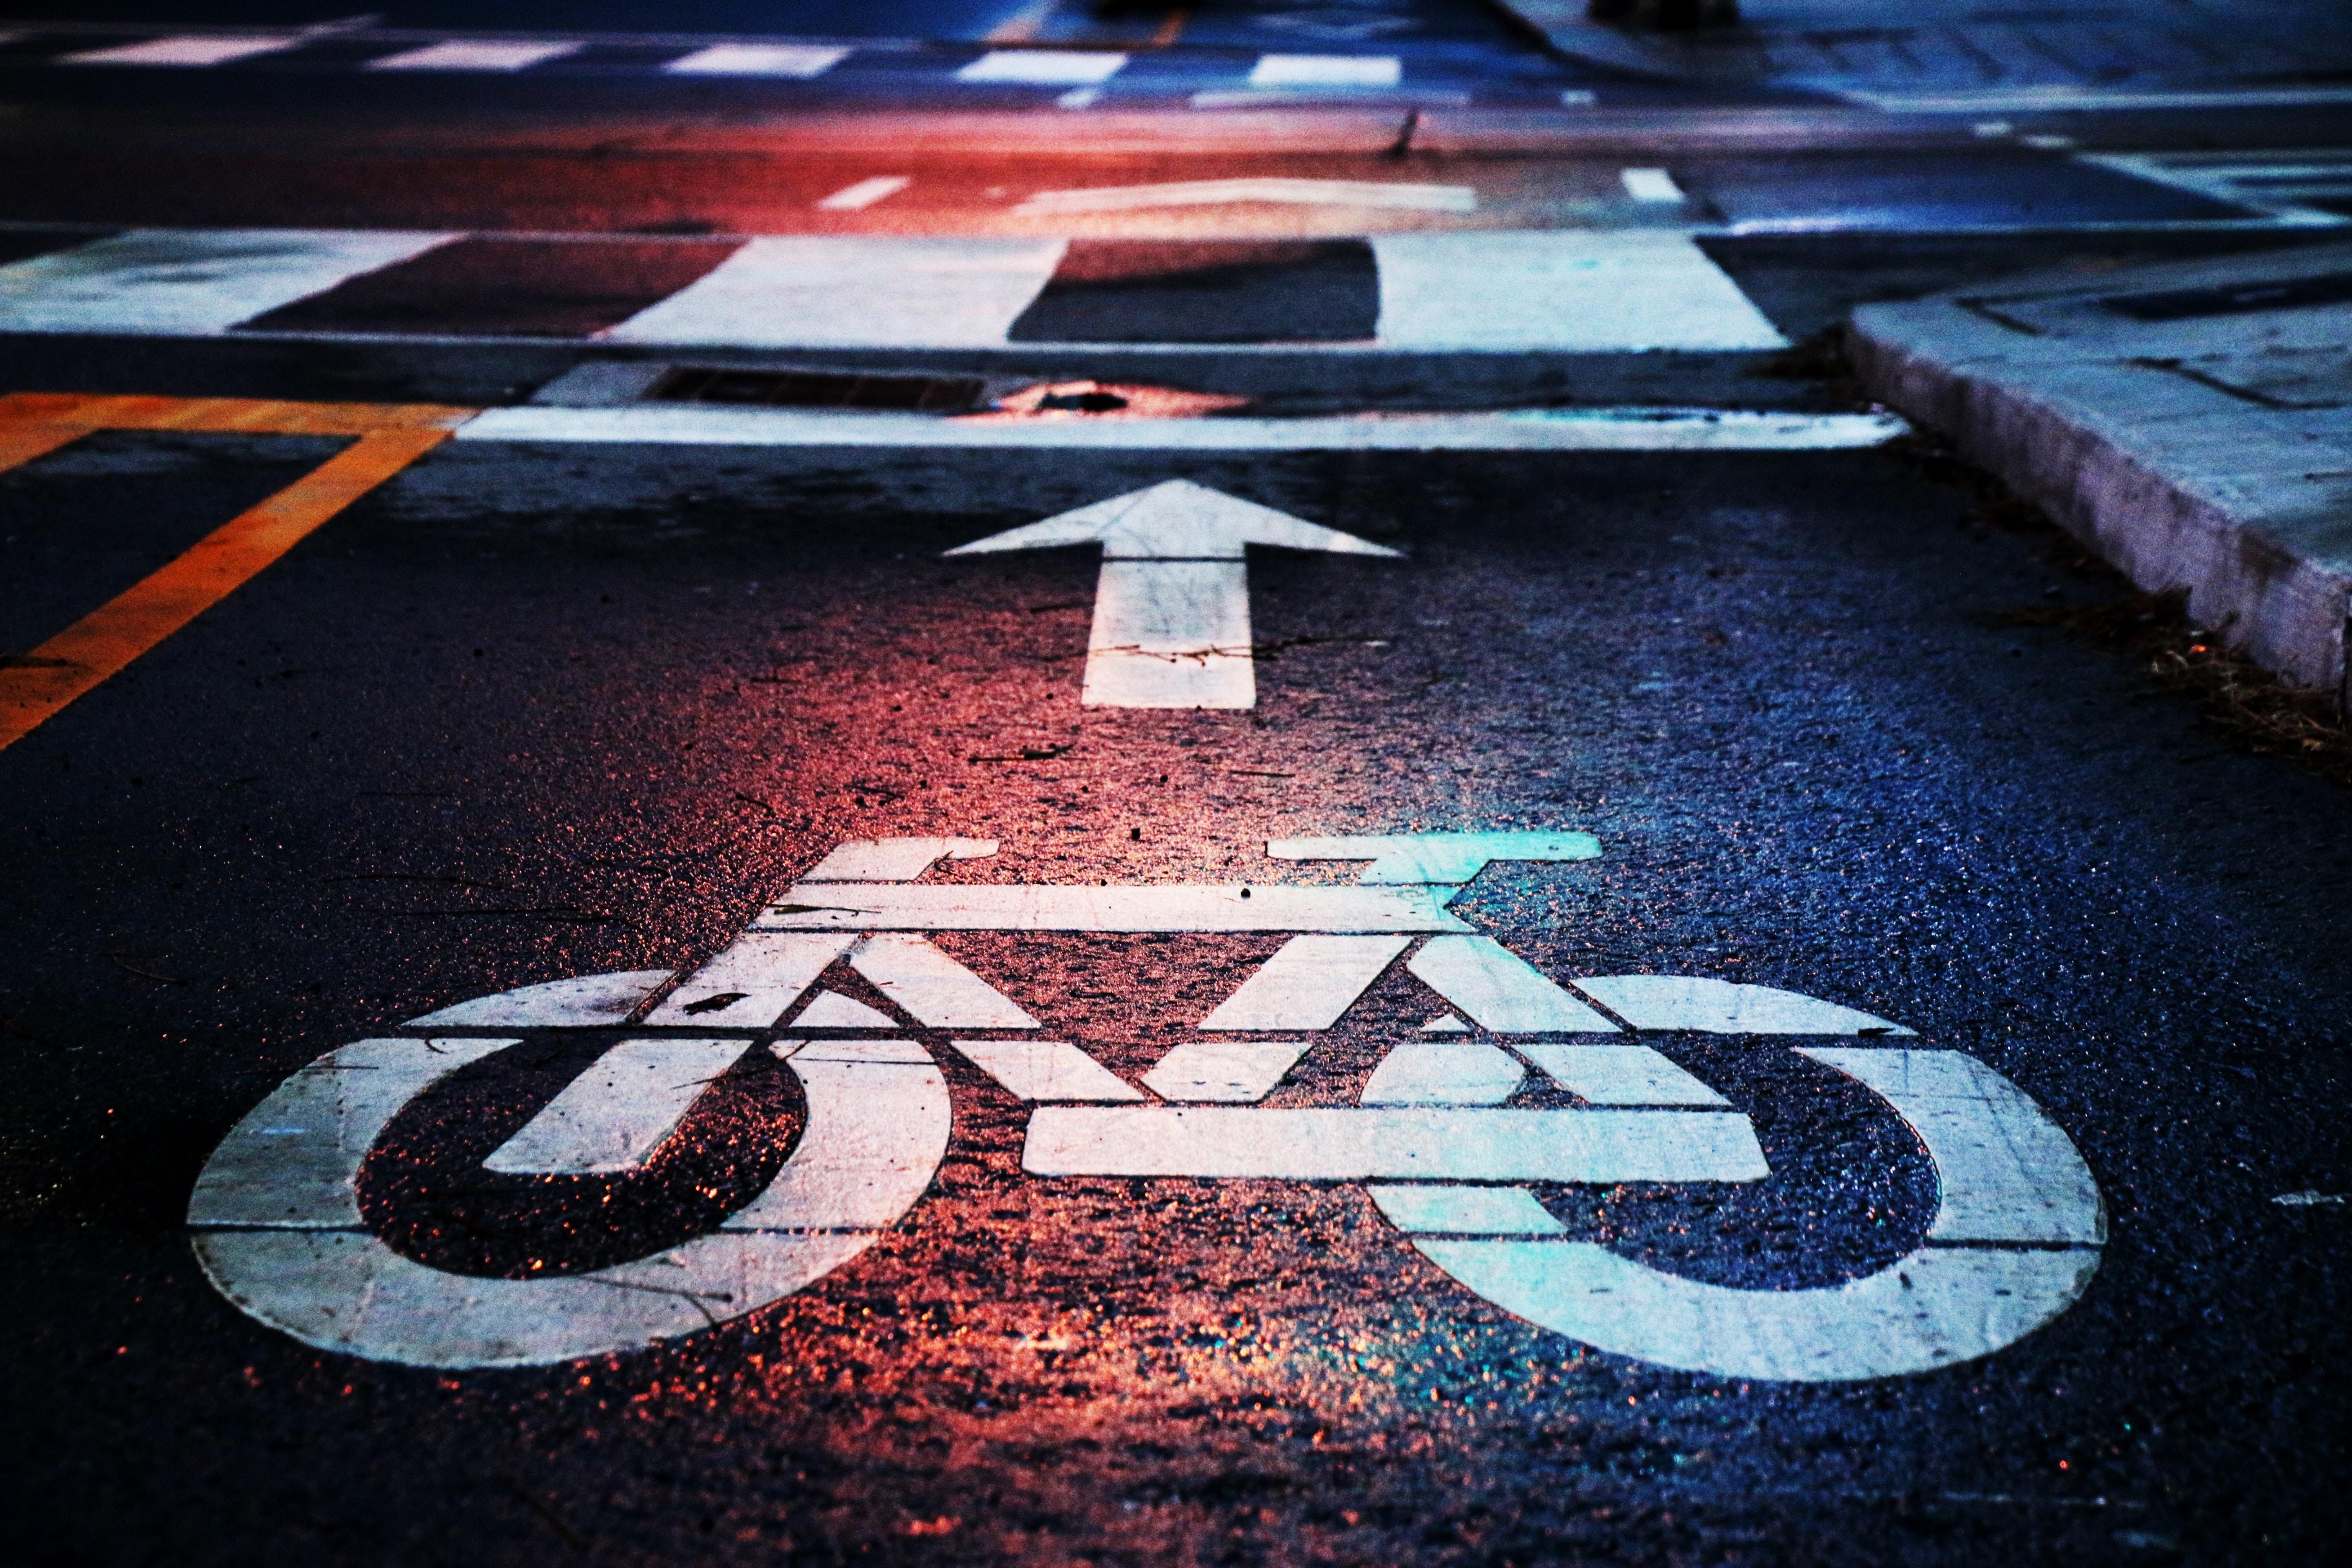 Kreistagsfraktion nimmt geschlossen an Stadtradeln teil – Kreis muss Radfahren sicherer und attraktiver machen